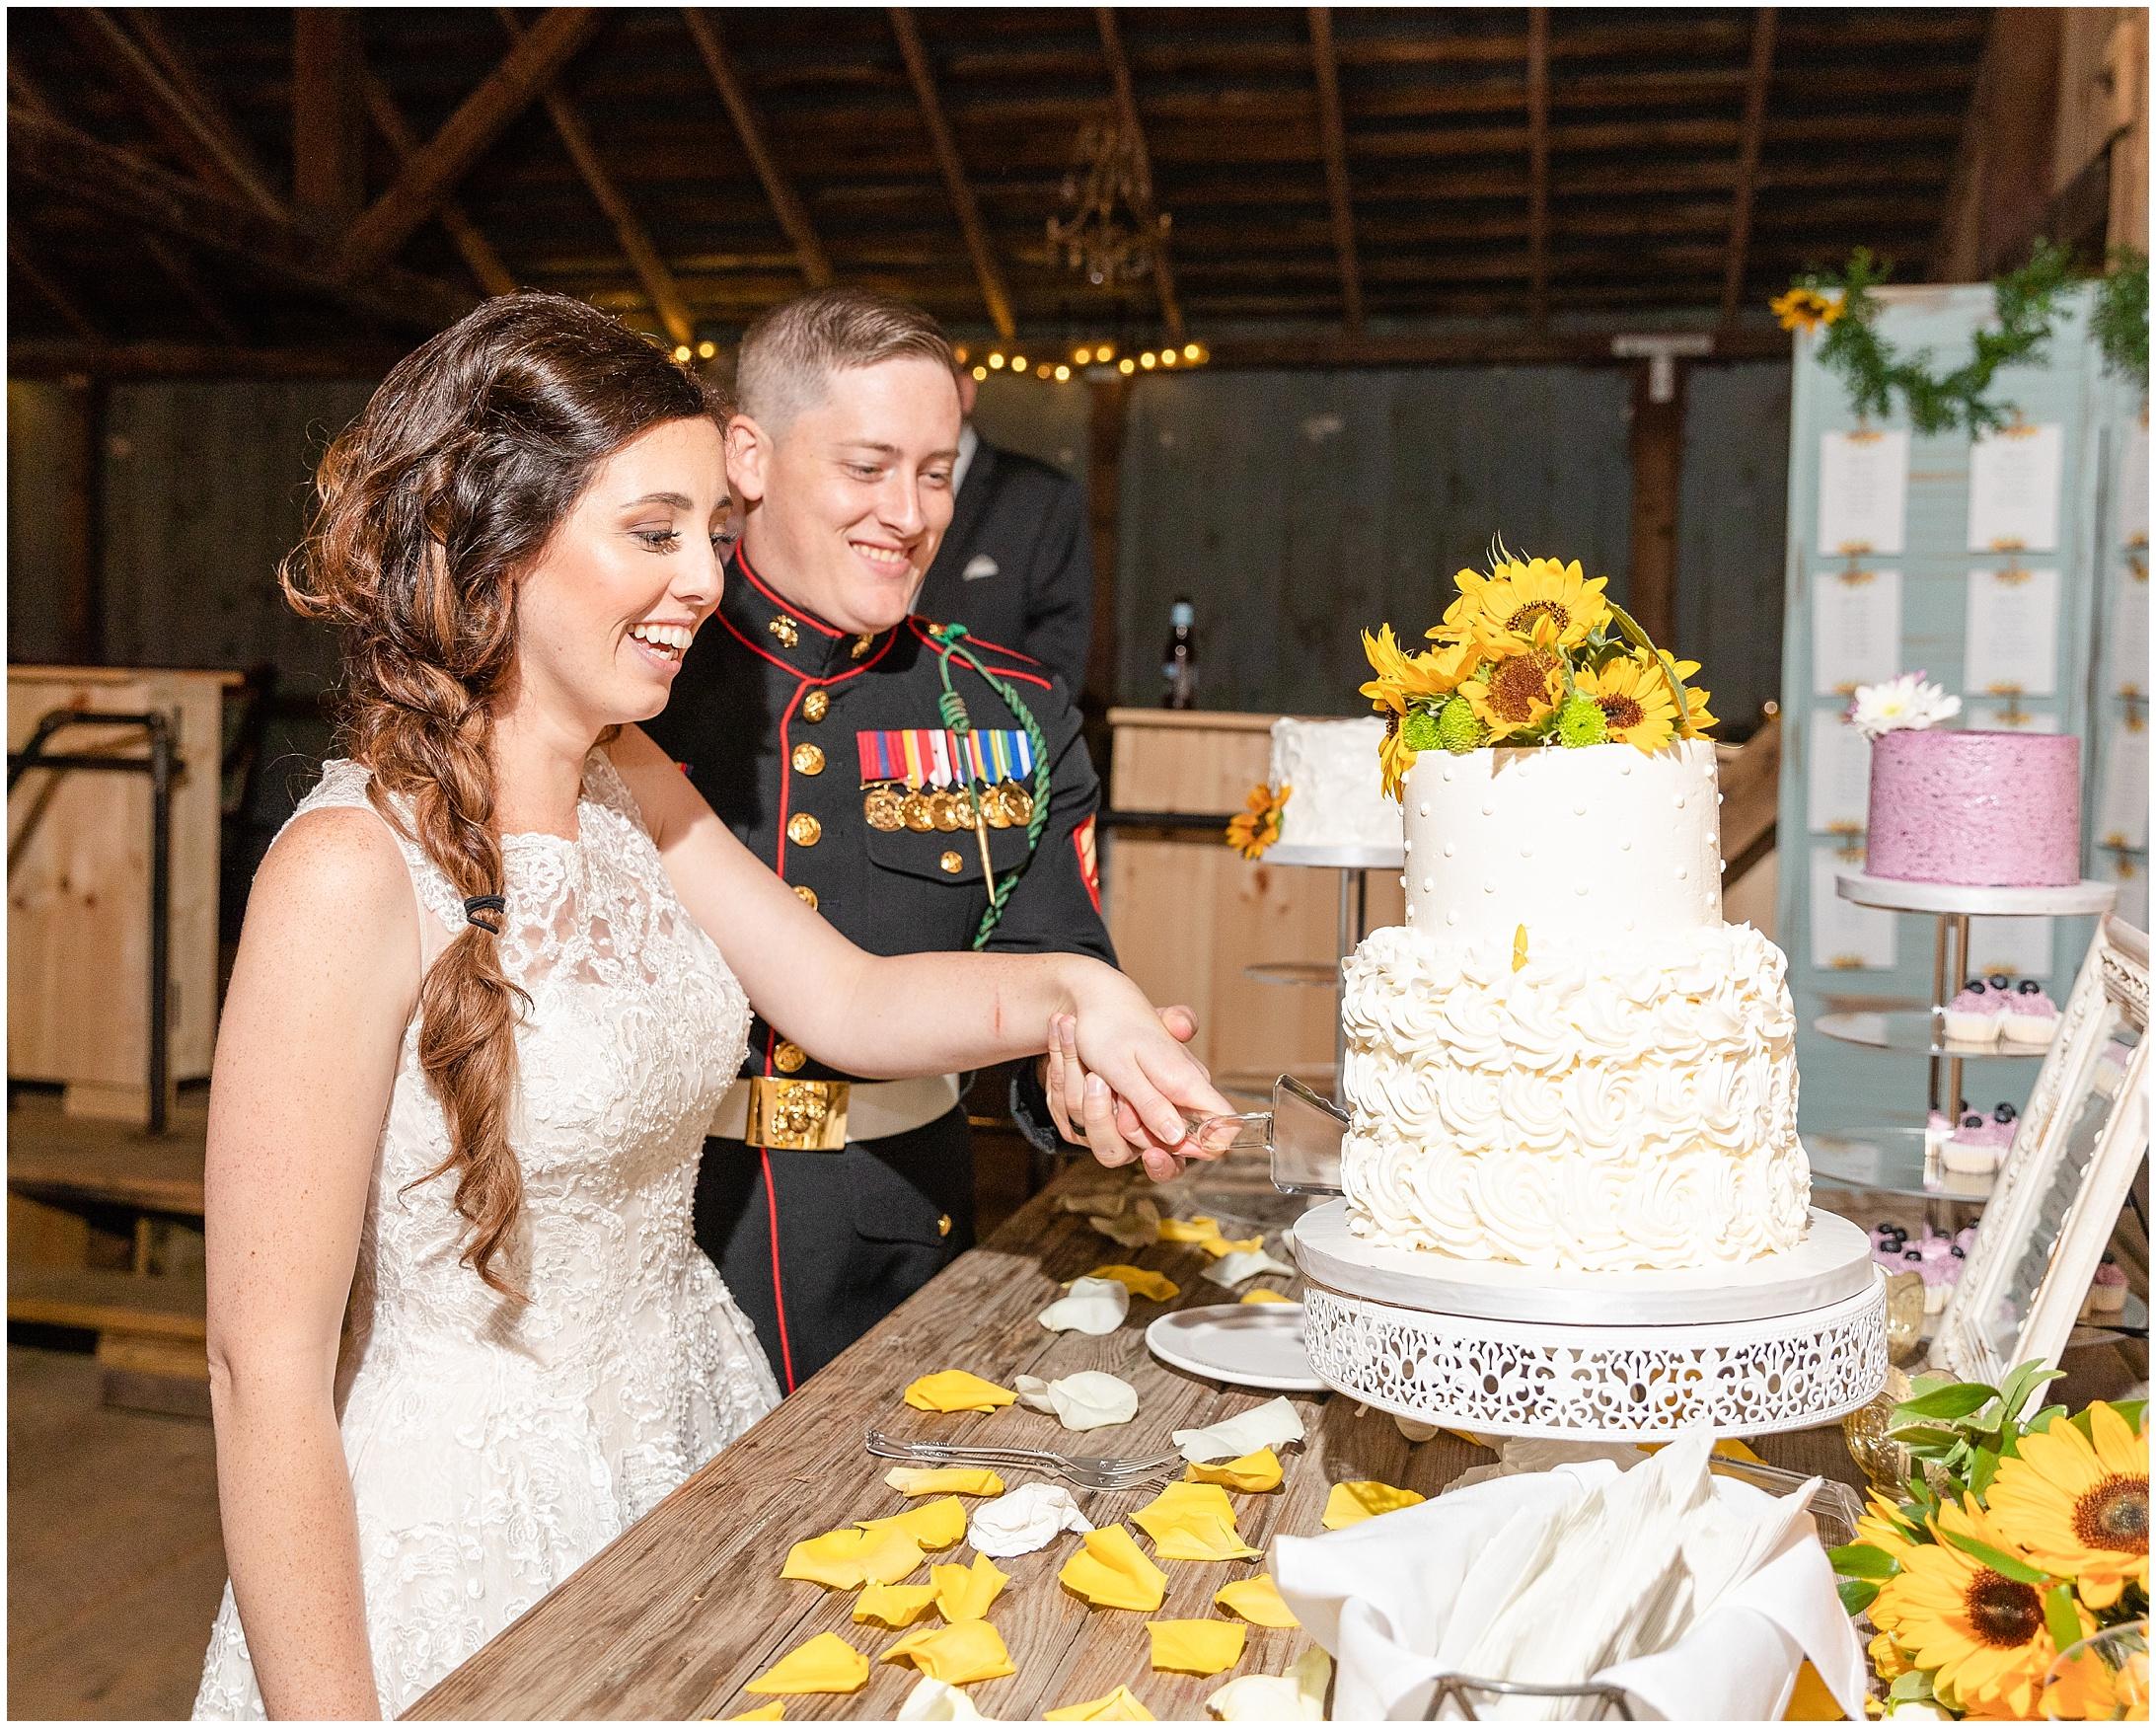 Montagu-Meadows-Wedding-Photos-954.jpg